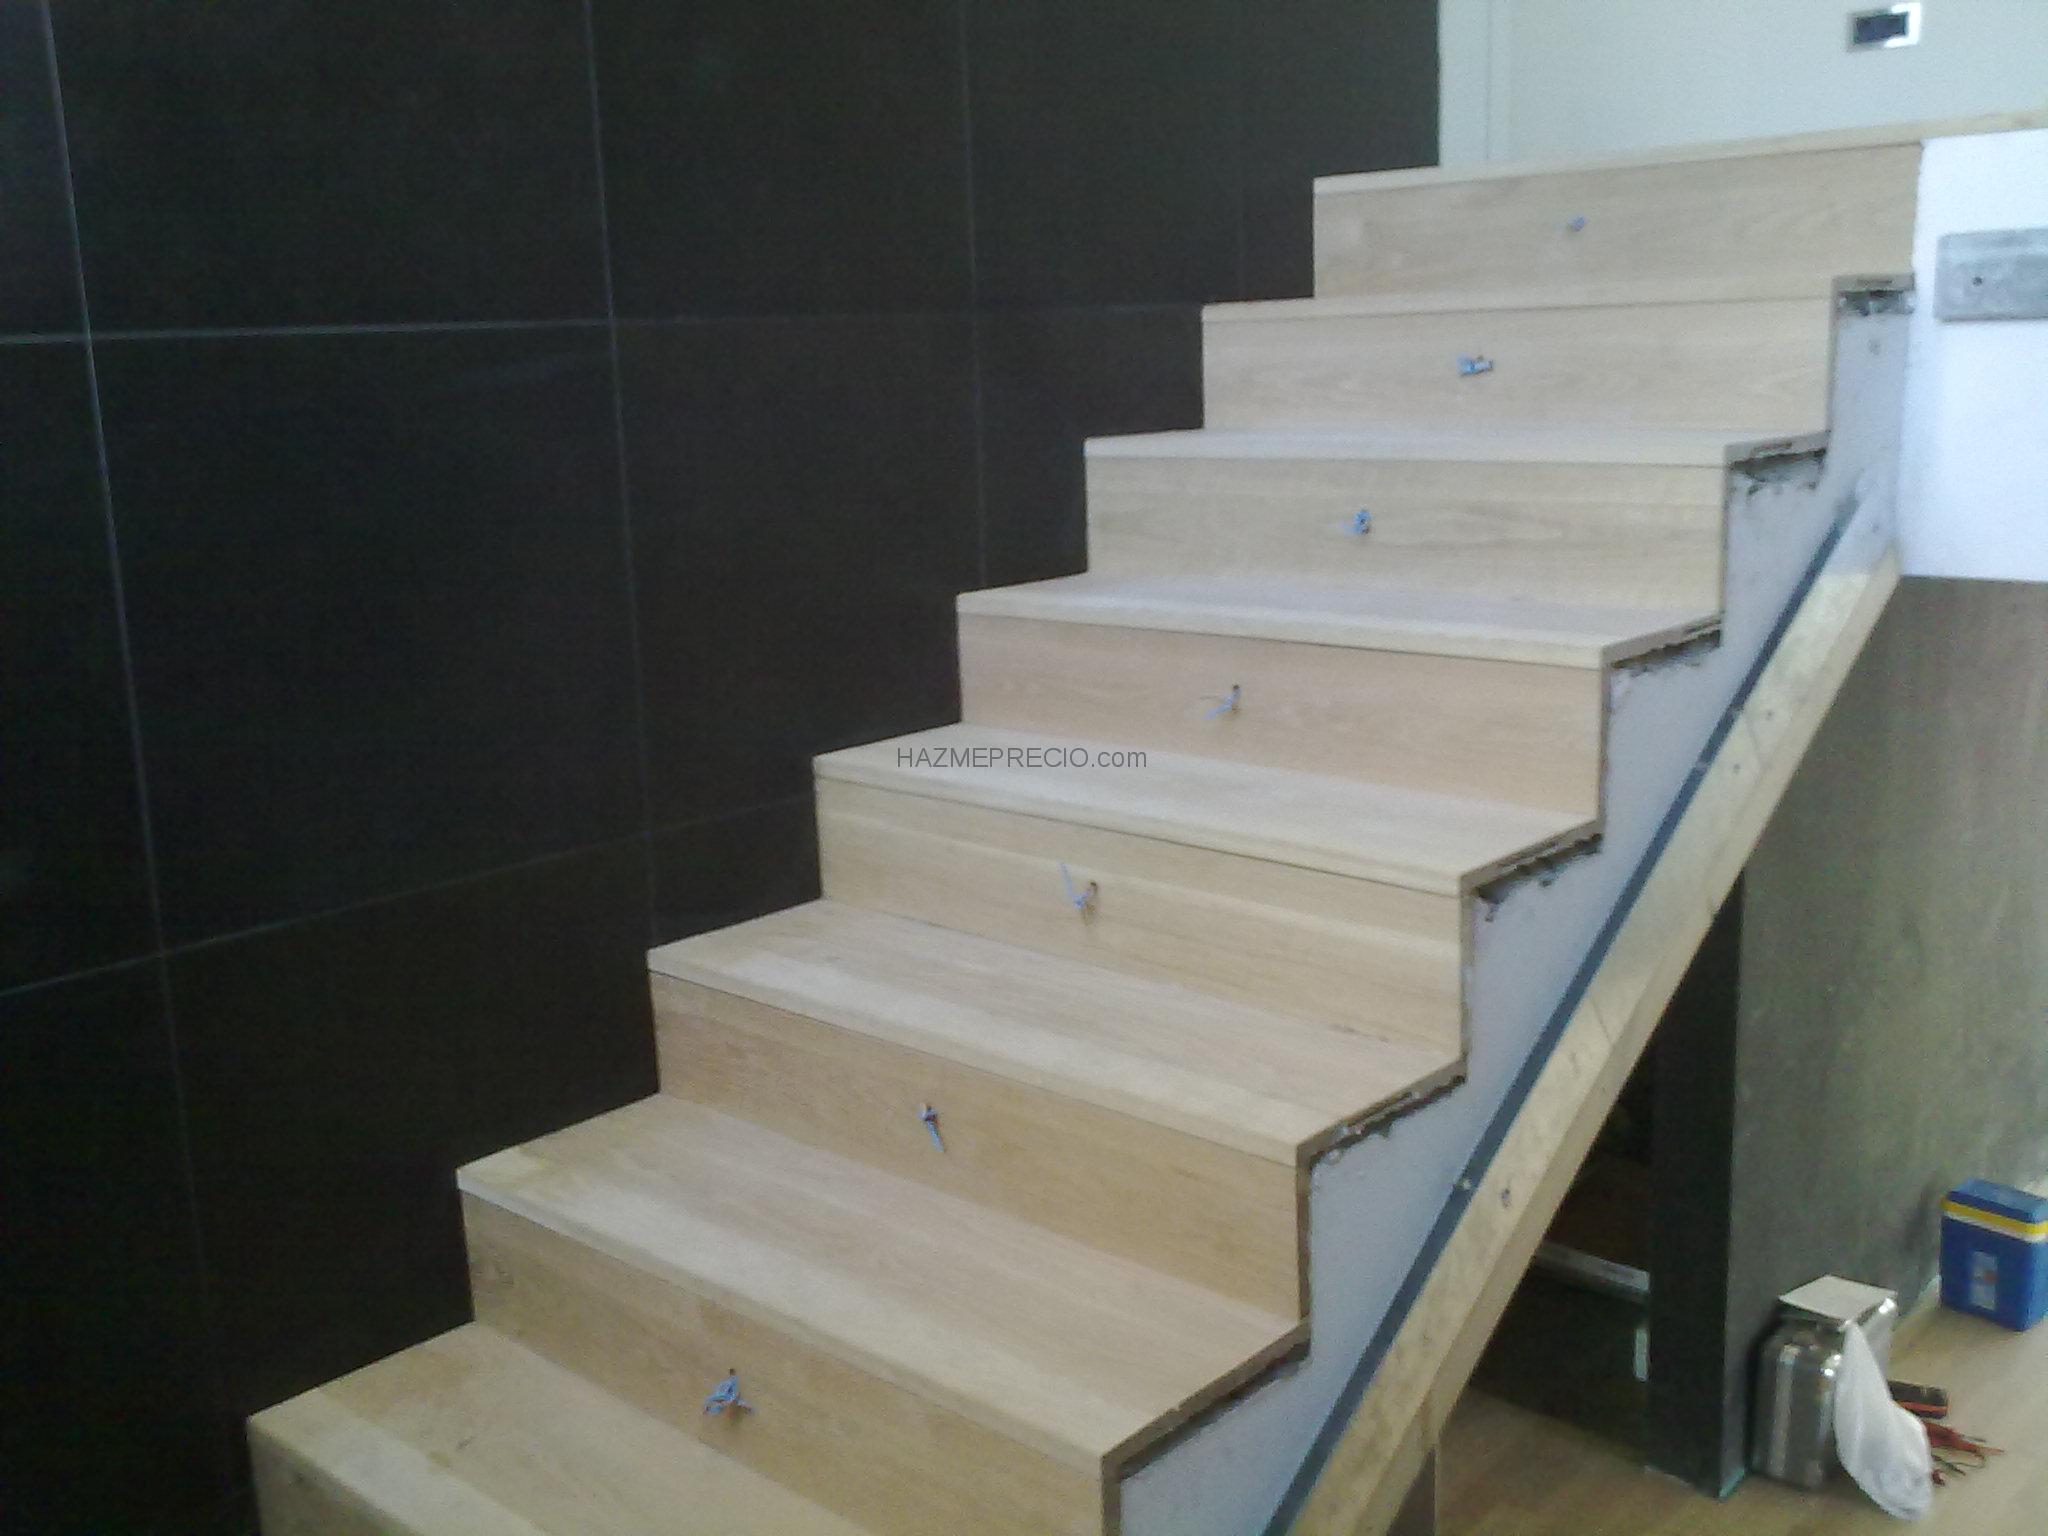 Empresas de tarima flotante en sevilla - Revestimiento para escaleras ...